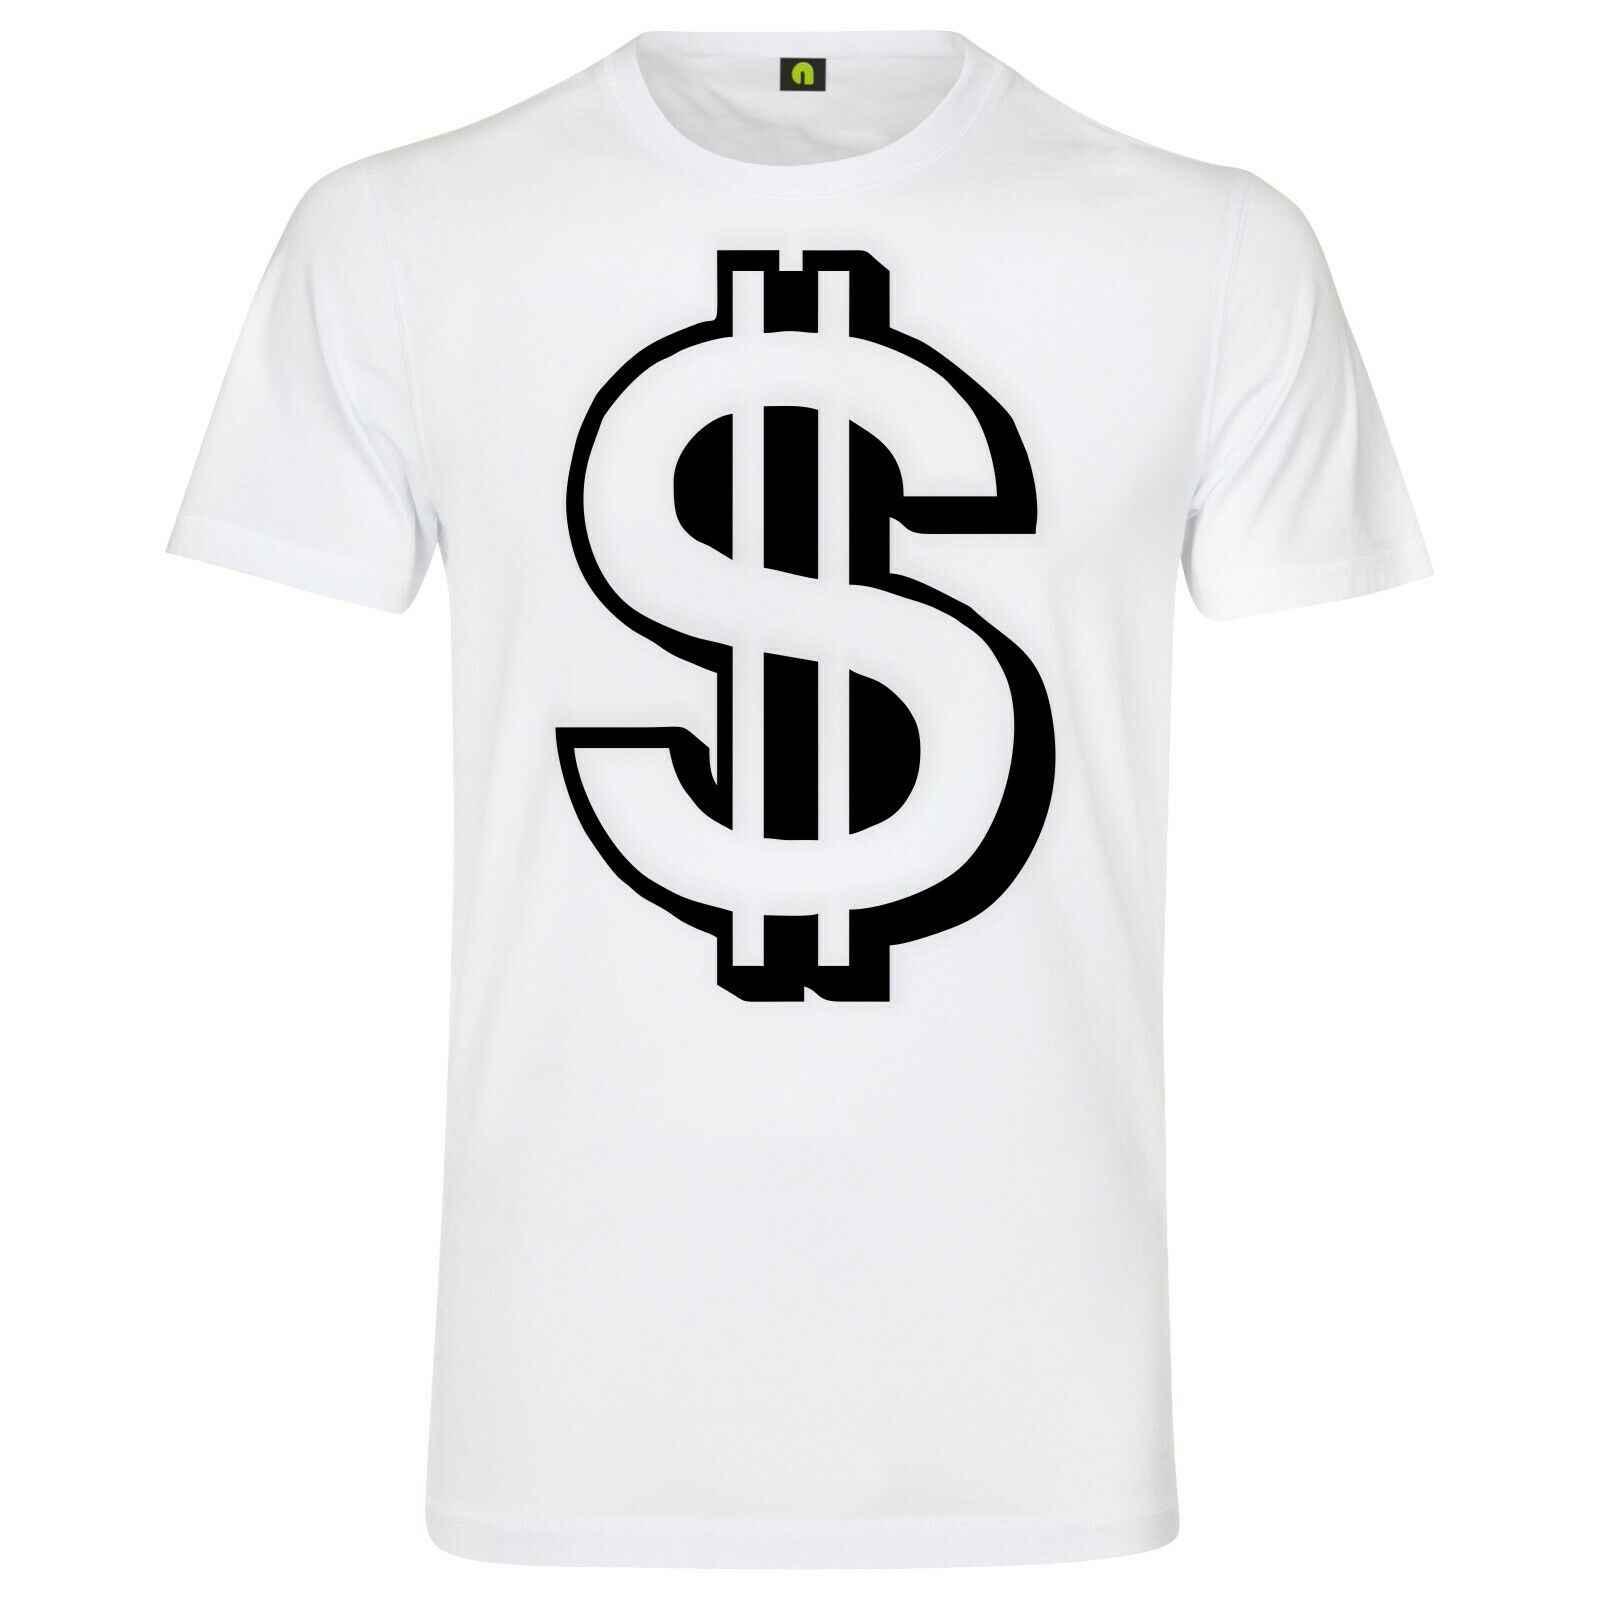 """דולר גברים חולצה ארה""""ב כסף מזומן Bitcoin בורסה Aktien harajuku mens t חולצות אופנה 2019"""